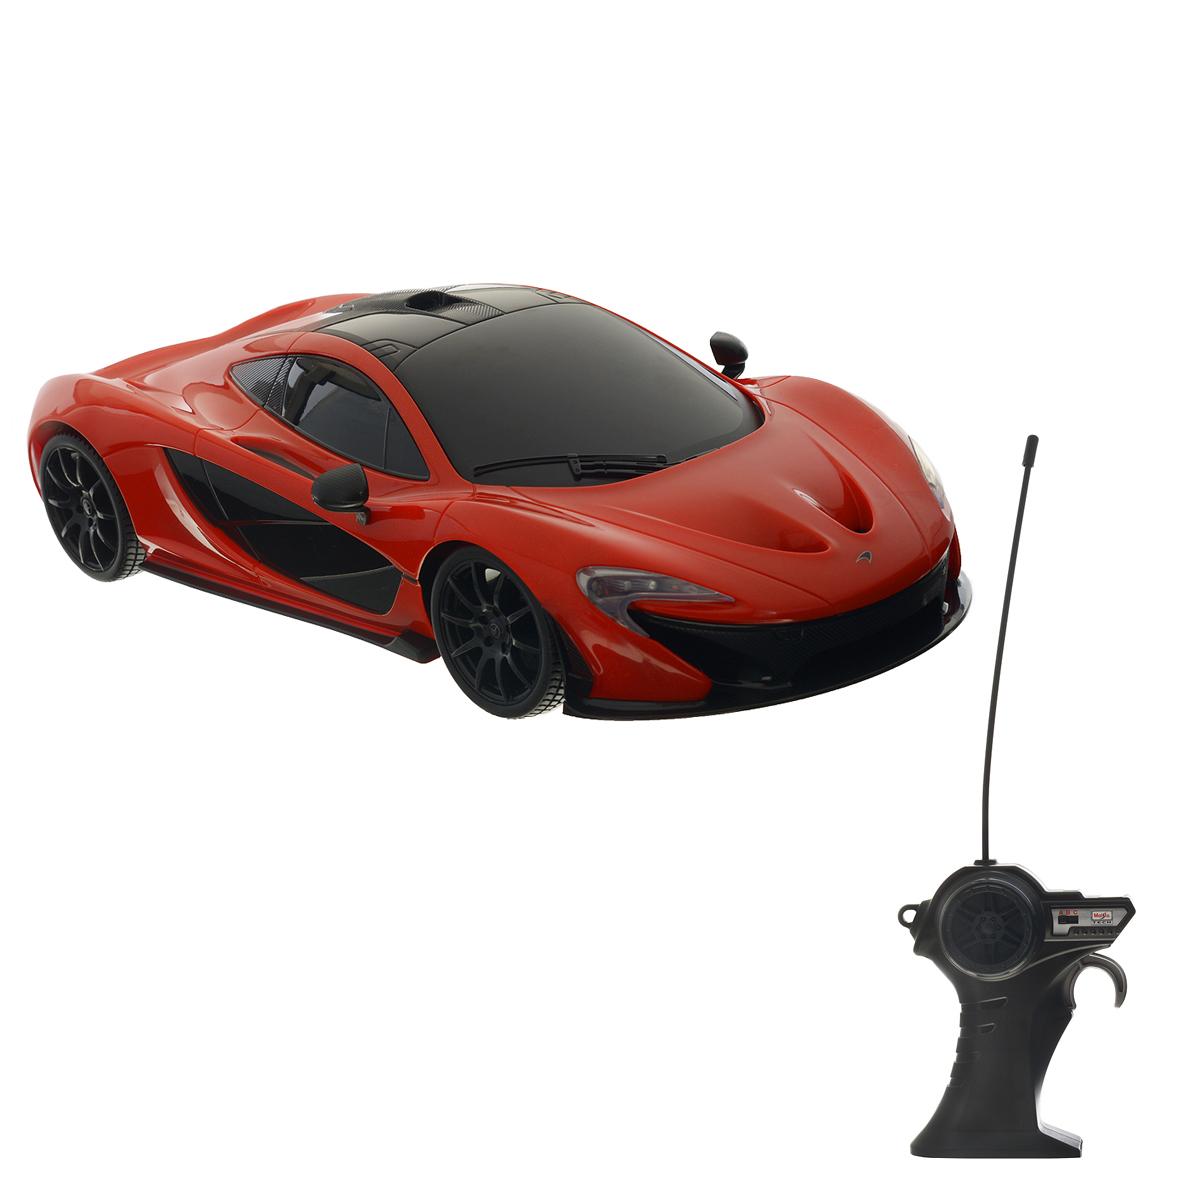 Maisto Радиоуправляемая модель McLaren P181243Радиоуправляемая модель Maisto McLaren P1 обязательно привлечет внимание взрослого и ребенка, и несомненно понравится любому, кто увлекается автомобилям. Эта машина - точная копия автомобиля McLaren P1 в масштабе 1:14. Машинка изготовлена из высококачественного пластика, шины выполнены из мягкой резины. Машинка может перемещаться вперед, дает задний ход, поворачивает влево и вправо, останавливается. При движении у машинки загораются фары. Ваш ребенок часами будет играть с моделью, придумывая различные истории и устраивая соревнования. Порадуйте его таким замечательным подарком! Для работы машинки требуются 6 батарей типа АА напряжением 1,5V (батарейки входят в комплект). Для работы пульта управления требуются 2 батареи напряжением 1,5V типа ААА (батарейки входят в комплект). Радиус действия пульта - 10 м. Частота: 27 МГц.